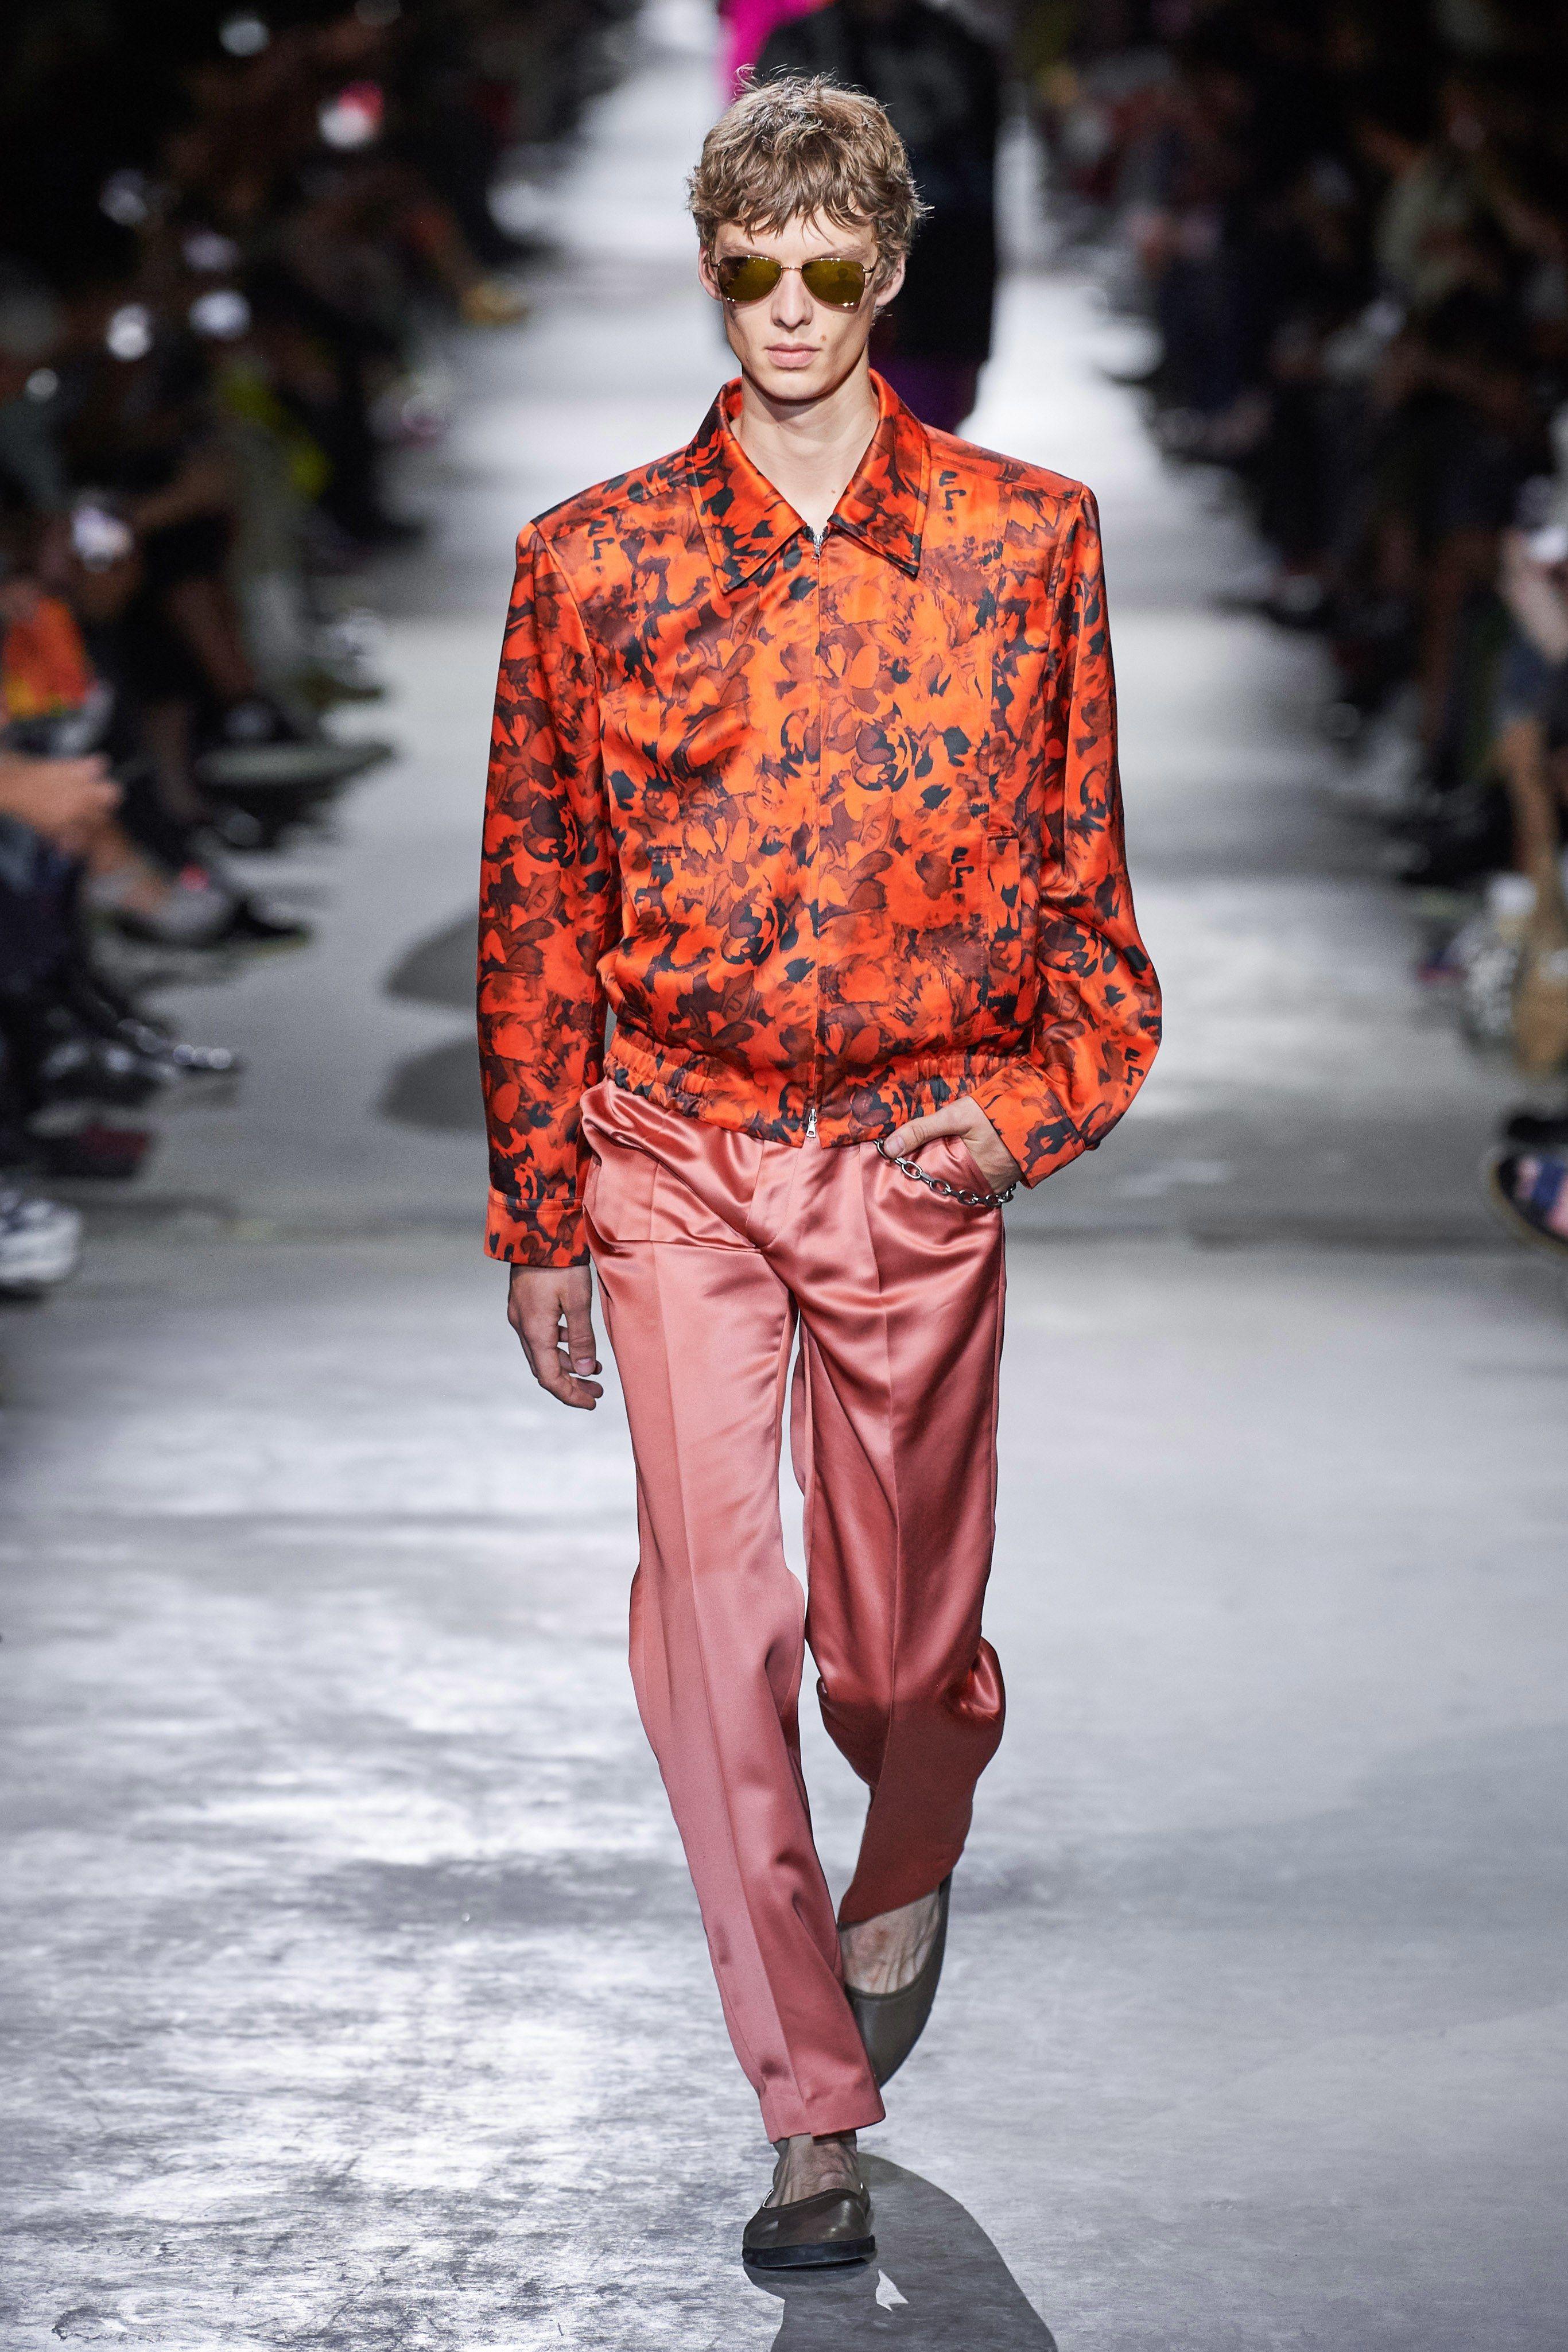 Dries van noten spring 2020 menswear fashion show